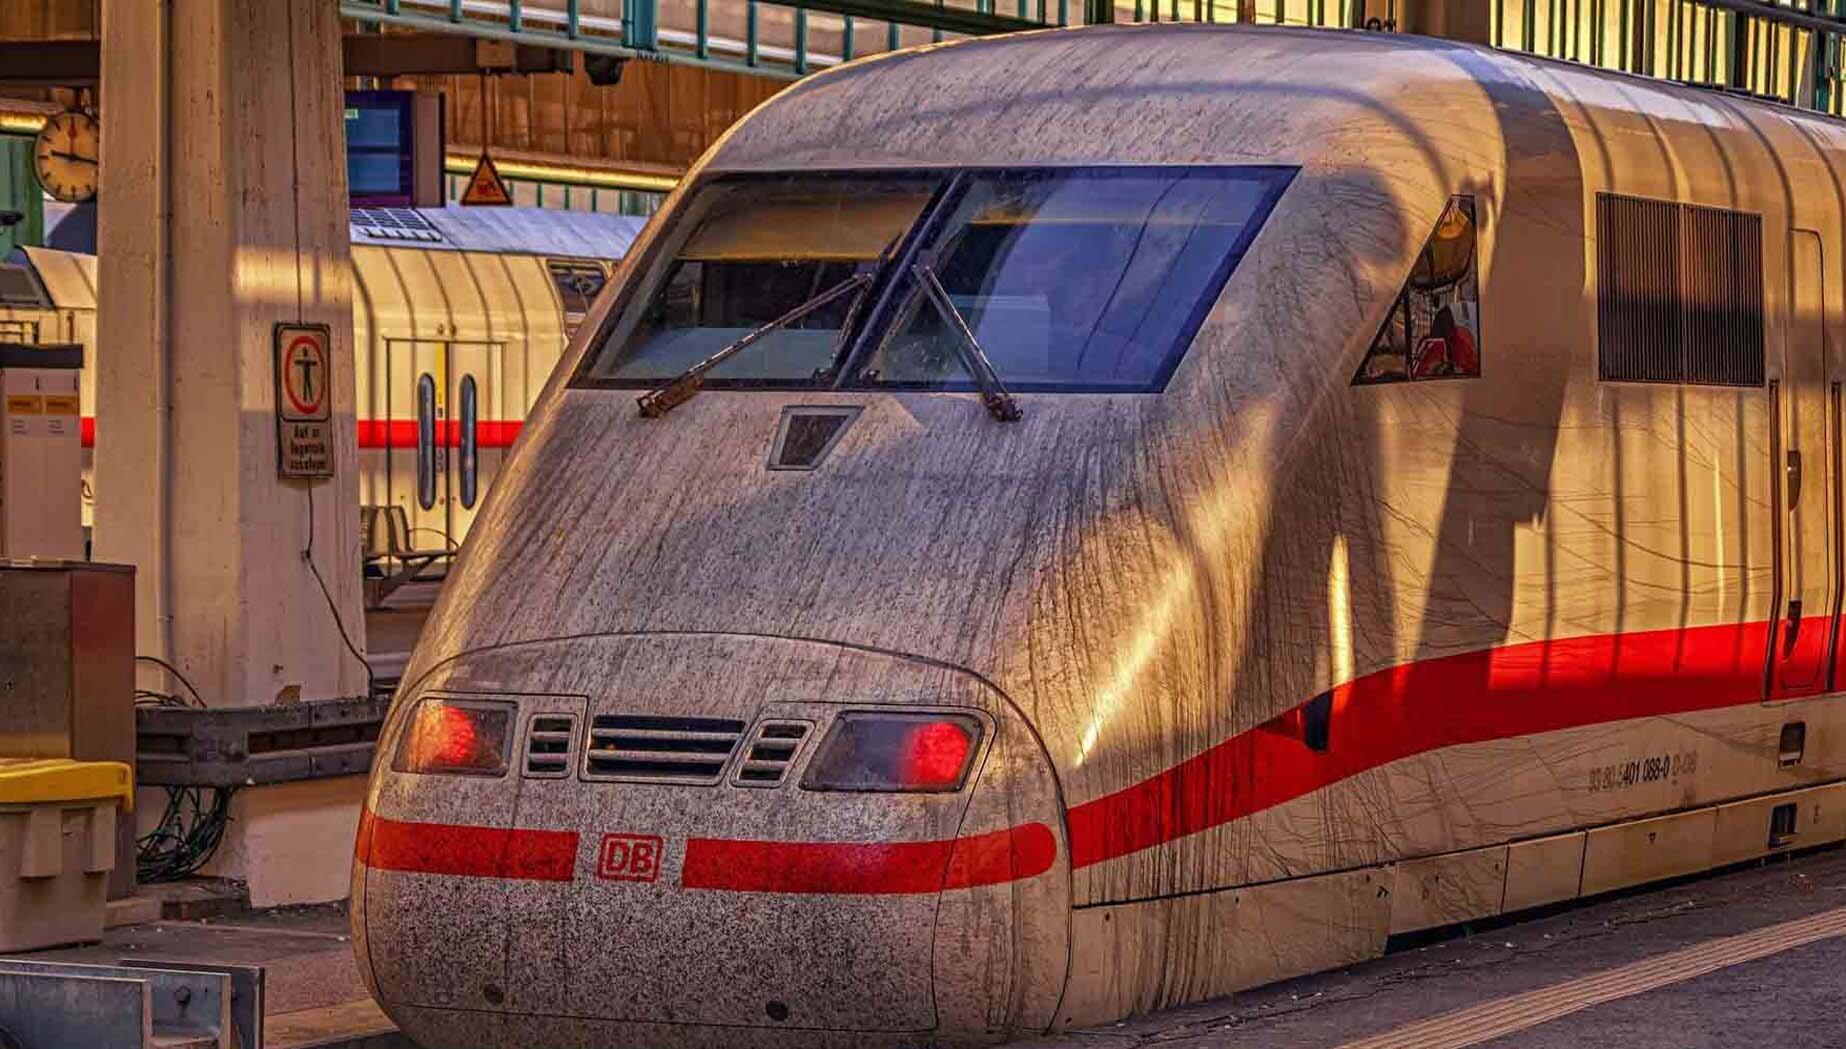 Die Deutsche Bahn weist seit Jahren ein mangelhaftes Hygienekonzept auf. Die Hygiene in den Zügen muss daher dringend verbessert werden.